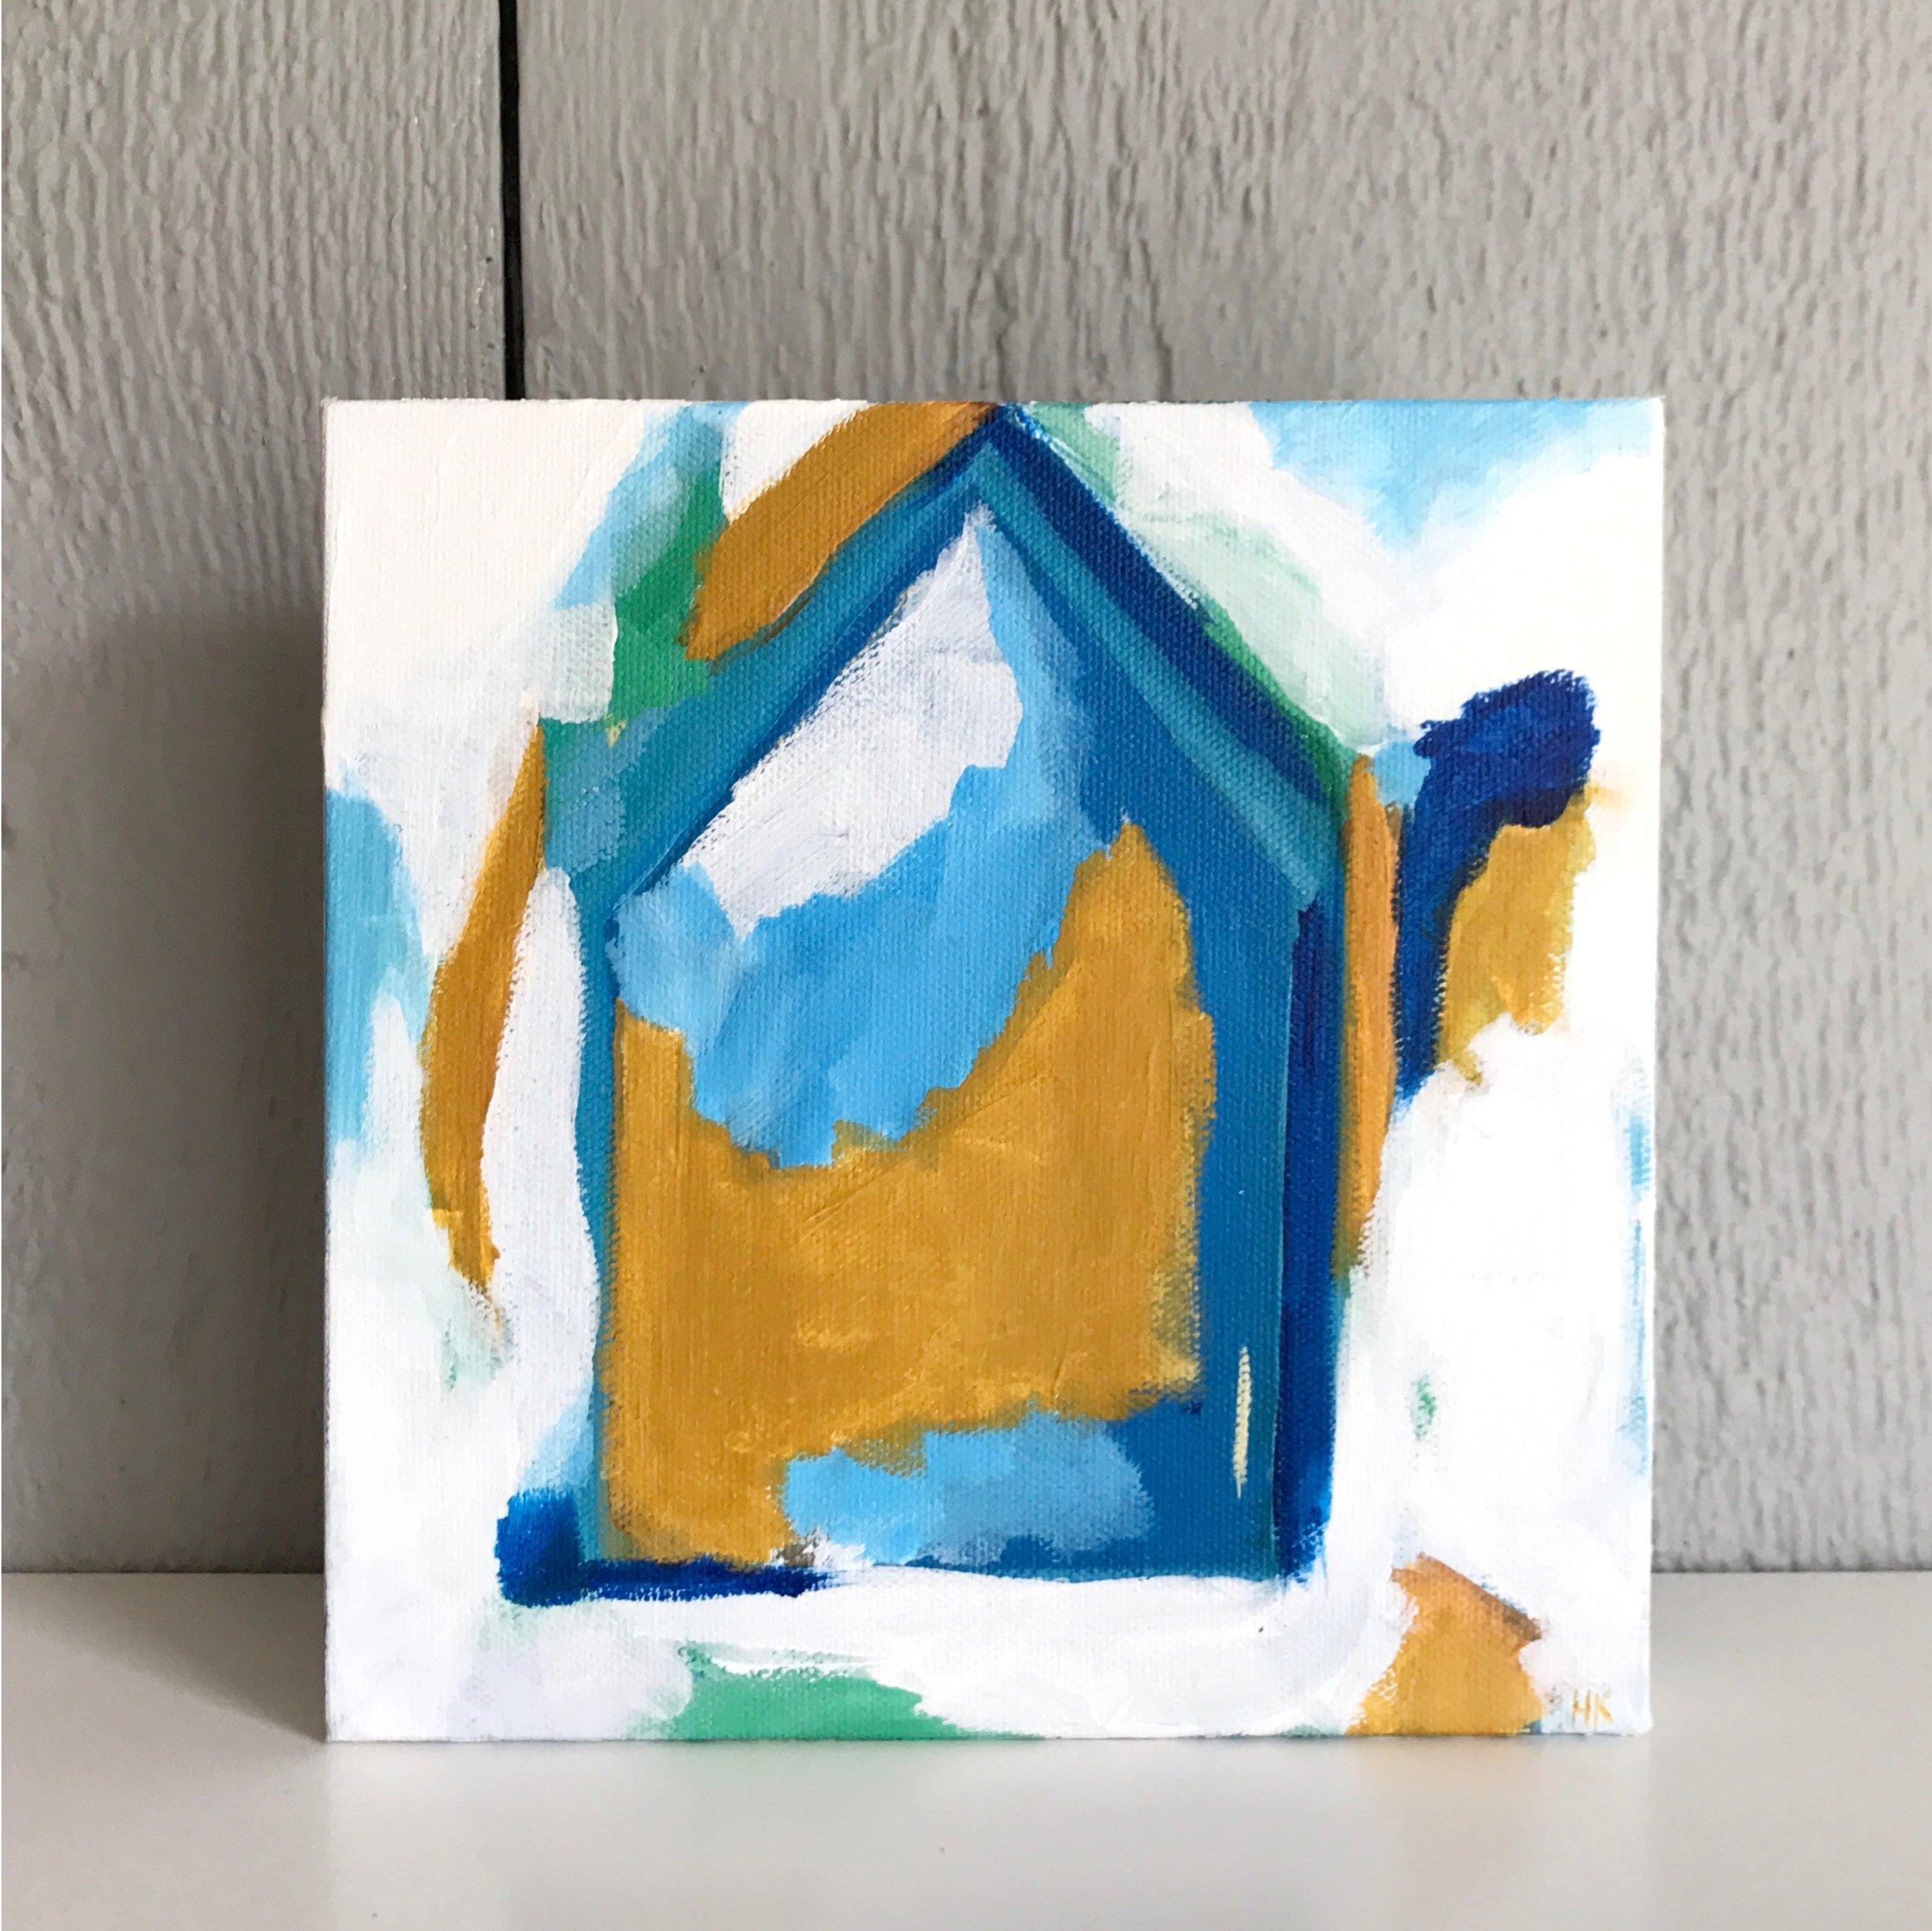 """CLUB HOUSE 8x8"""" acryllic on canvas"""